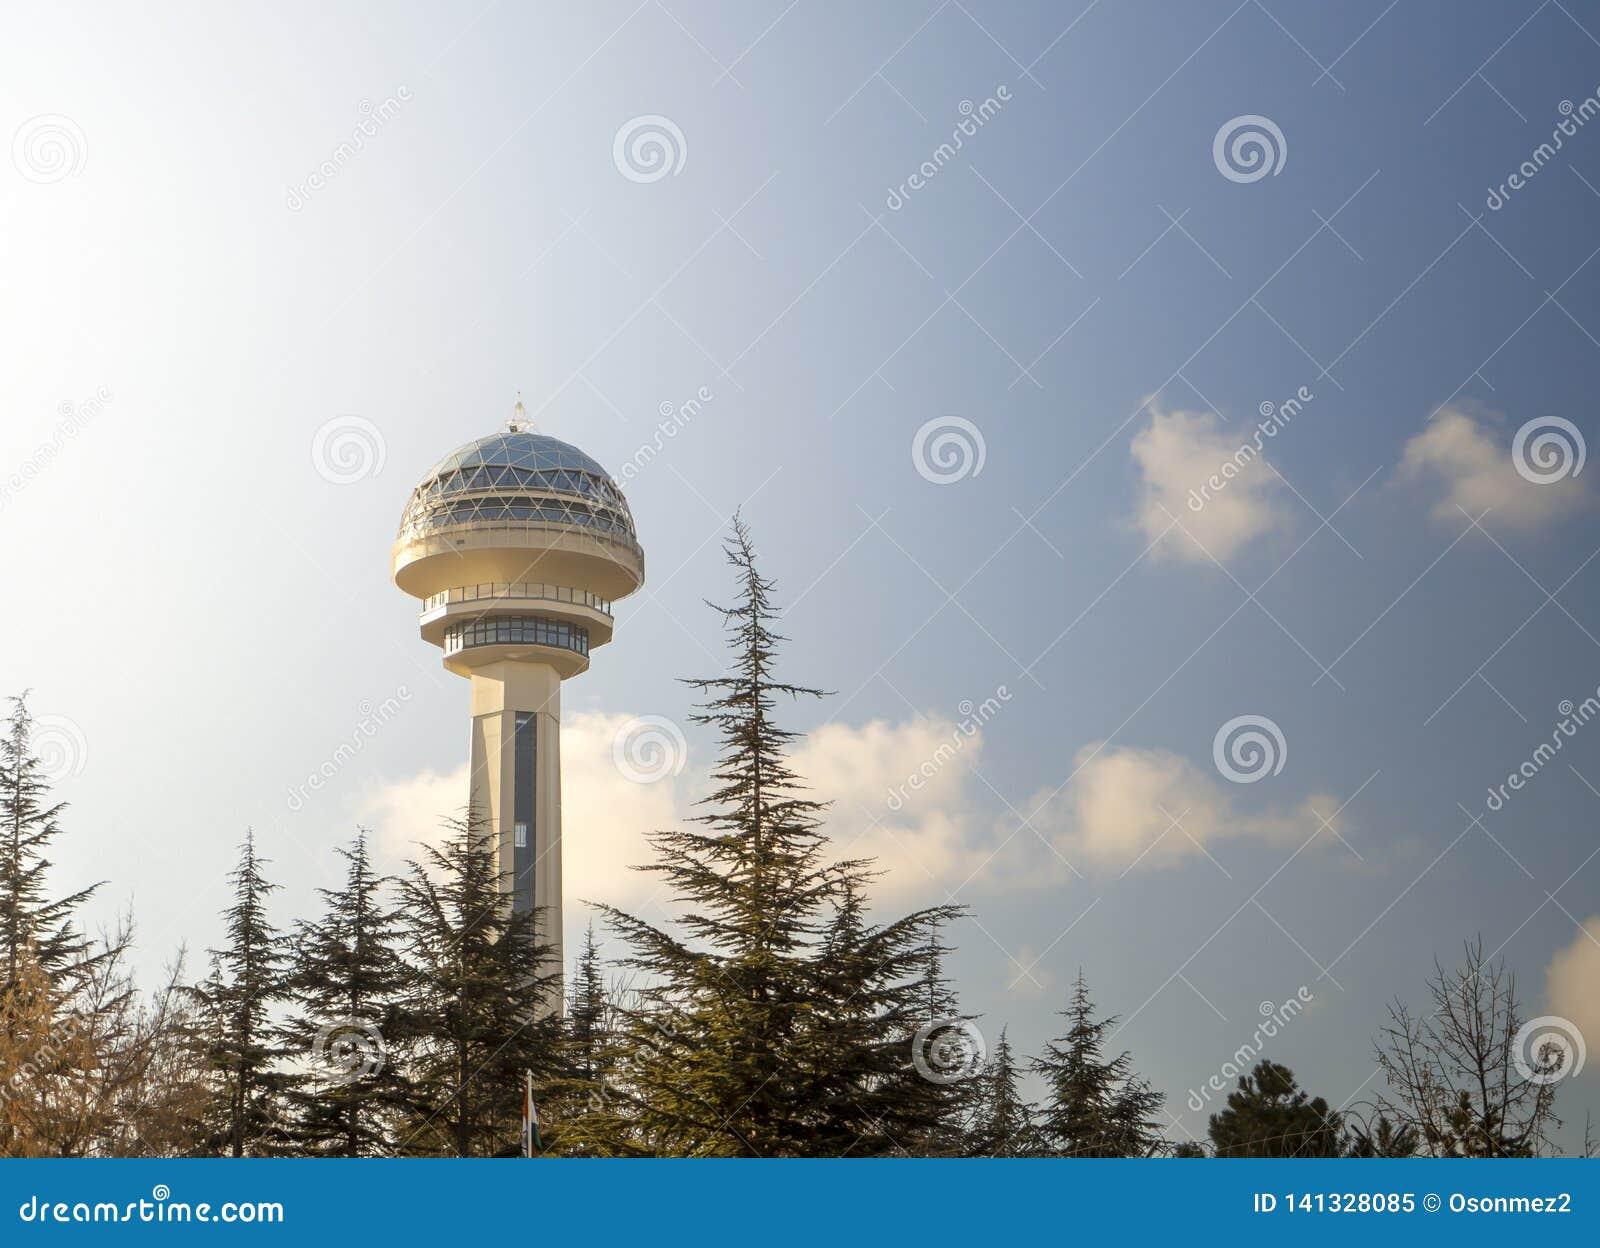 Rascacielos del 'atakule 'del capital de Turquía Ankara los rascacielos se han convertido en un símbolo de la capital de Turquía